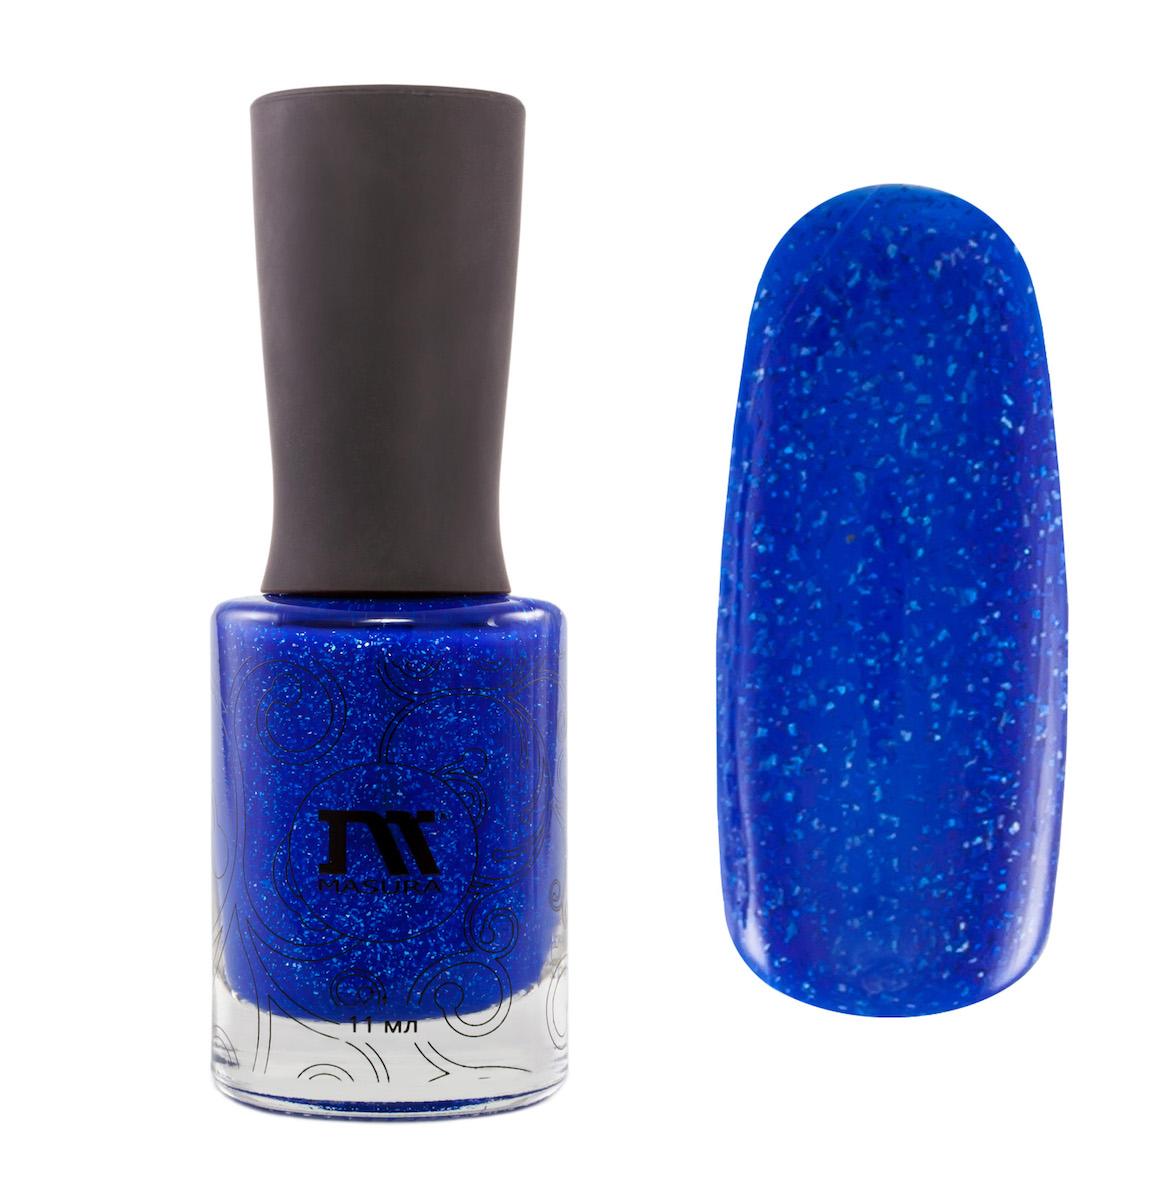 Masura Лак для ногтей Сегодня Вечером Я Свободна, 11 мл1030кобальтовый голографический с синим тоном, с серебристым и голографическим холодным сиянием